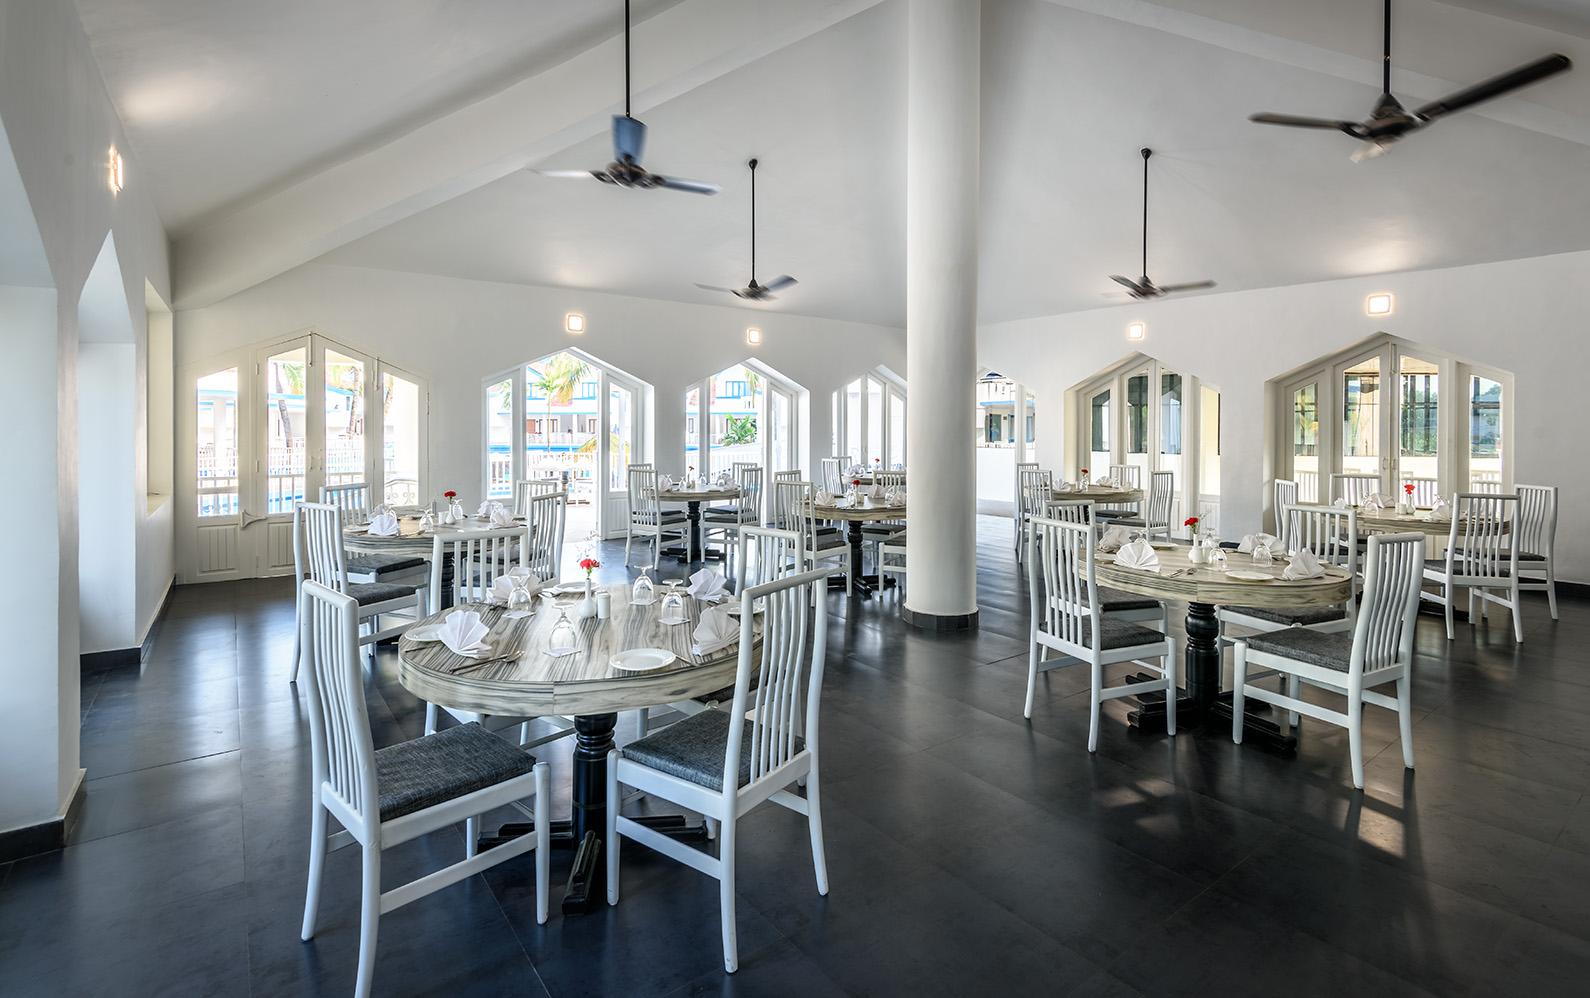 Benaulim Brasserie Restaurant